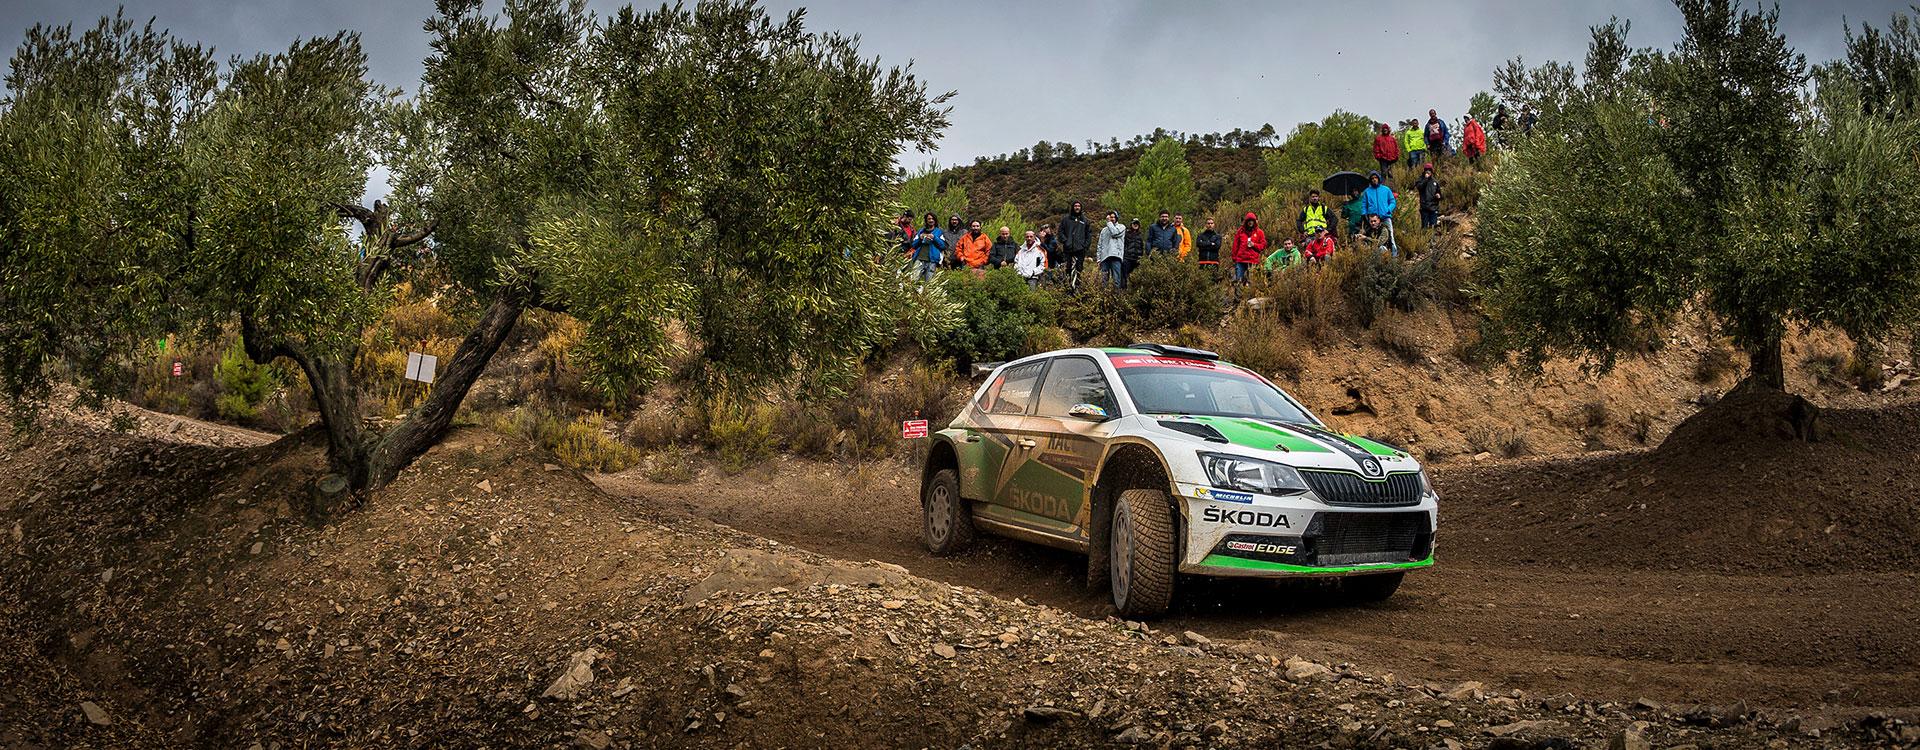 WRC Španělsko: Po první etapě vede Tidemand před Kopeckým